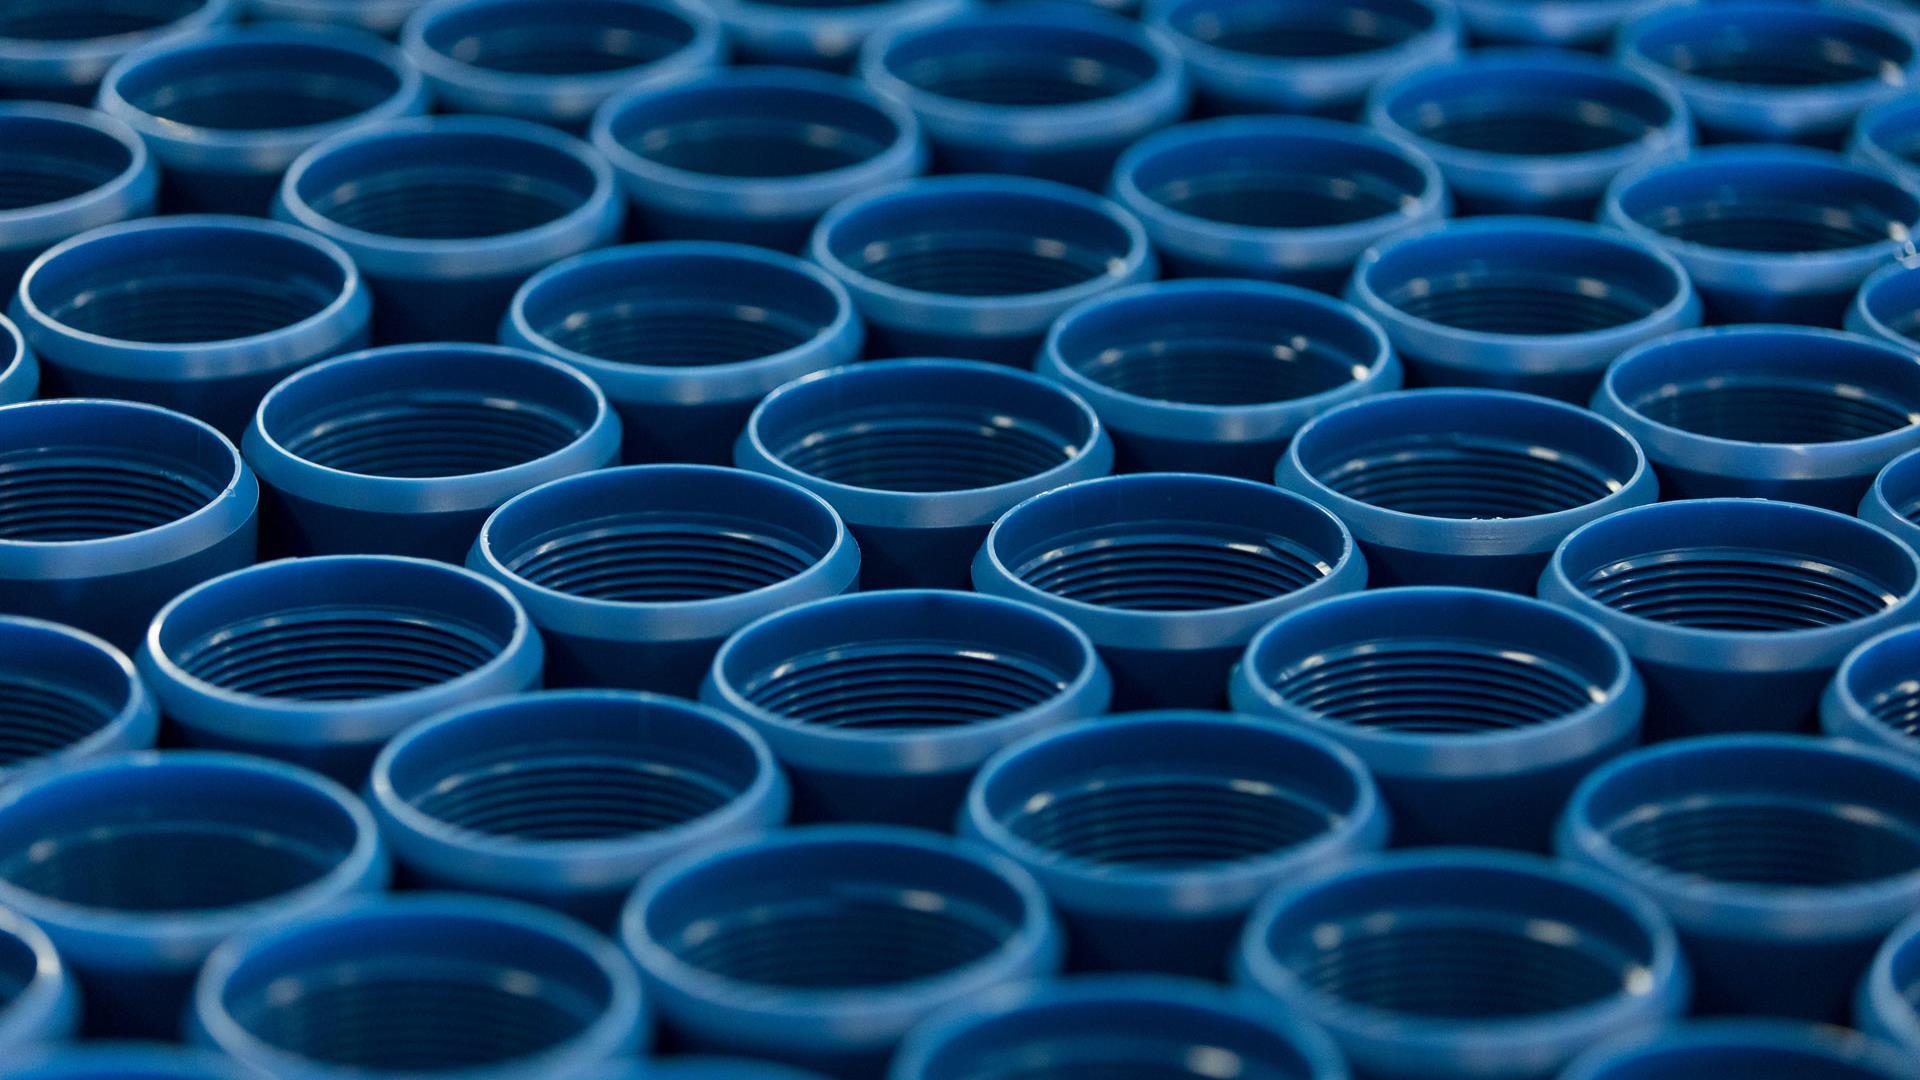 Cobalt blue Titan Tubing and Casing Thread Protectors